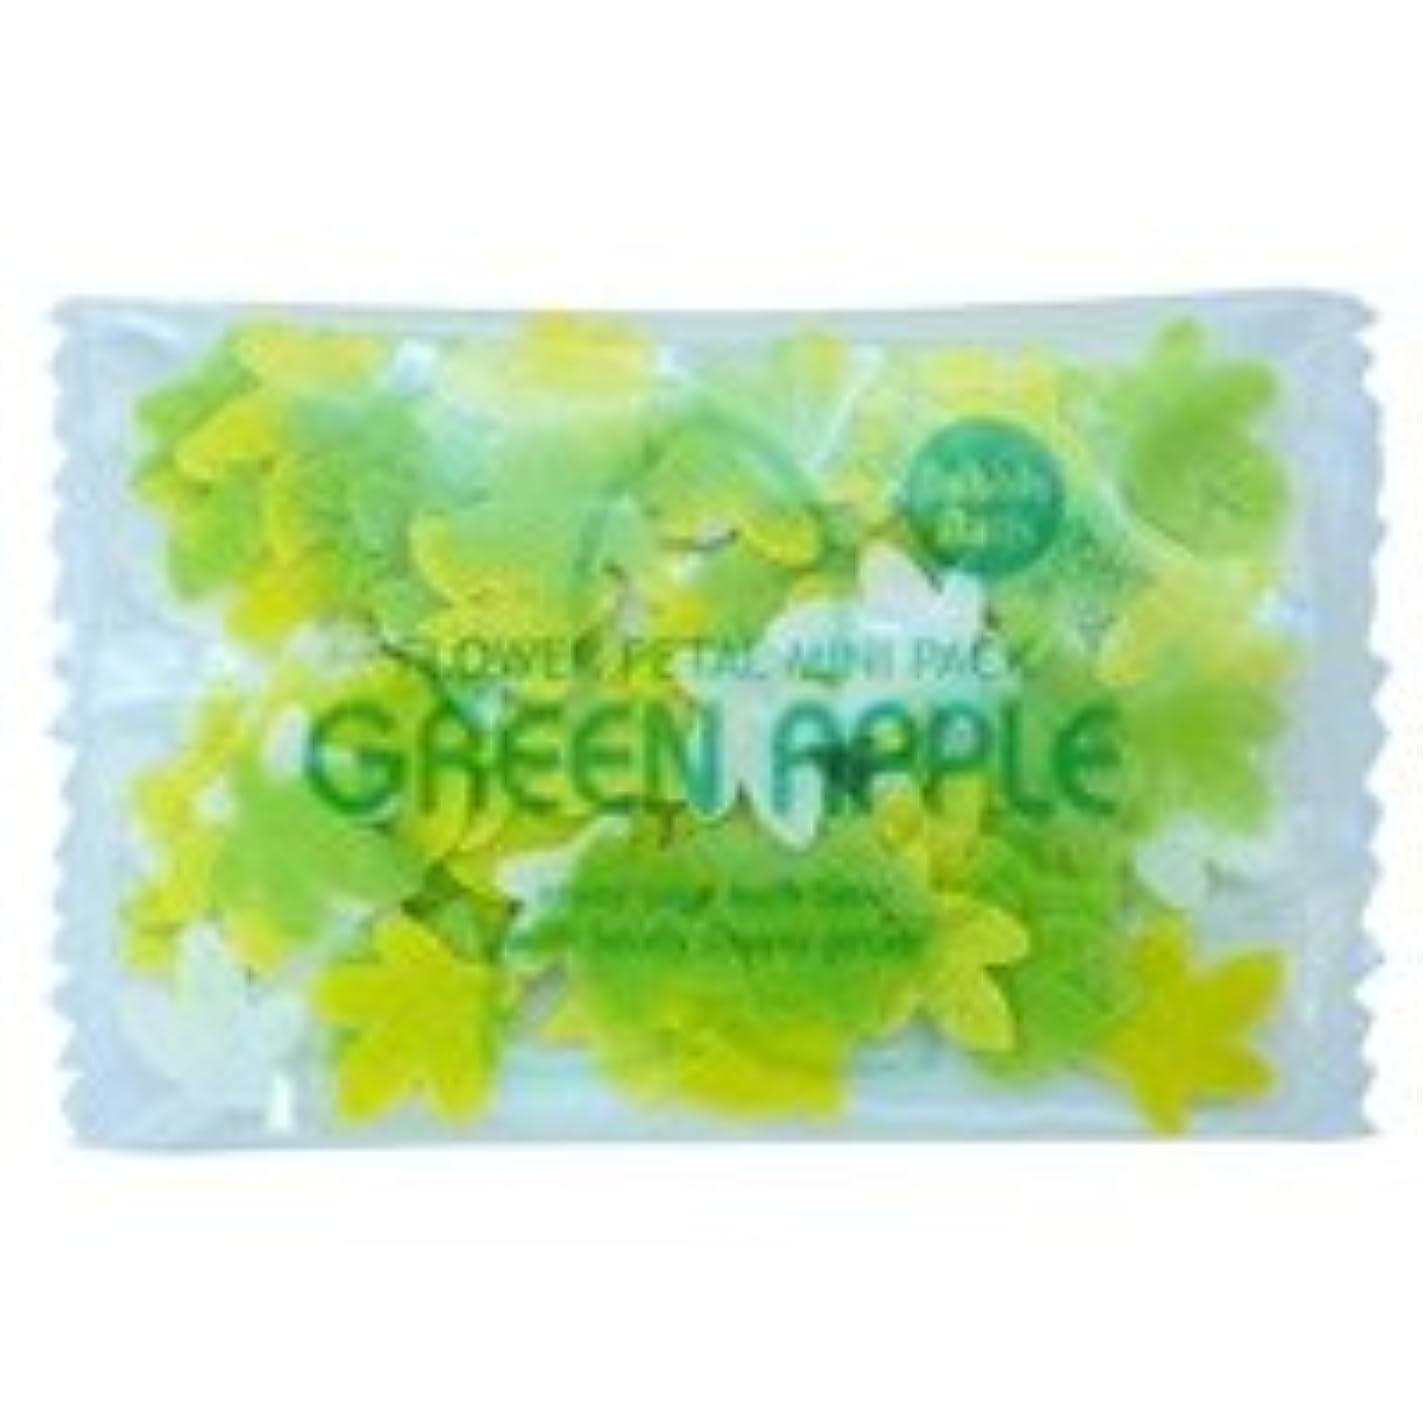 ミケランジェロ慣れる十分なフラワーペタル バブルバス ミニパック「グリーンアップル」20個セット ストレスから解放されたい日に疲れた心を解きほぐしてくれるフレッシュなグリーンアップルの香り